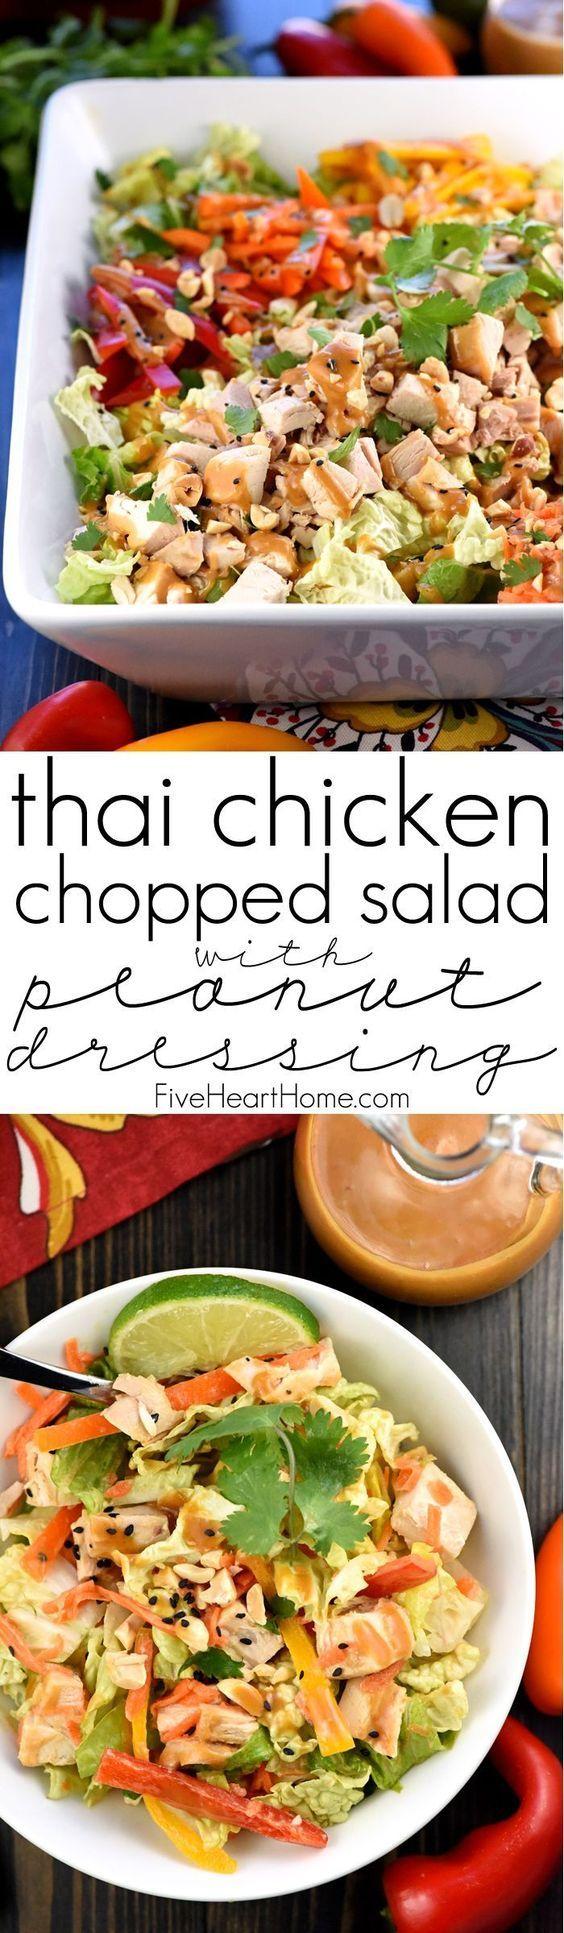 Les 25 meilleures id es de la cat gorie recettes de chou for Apprendre la cuisine asiatique